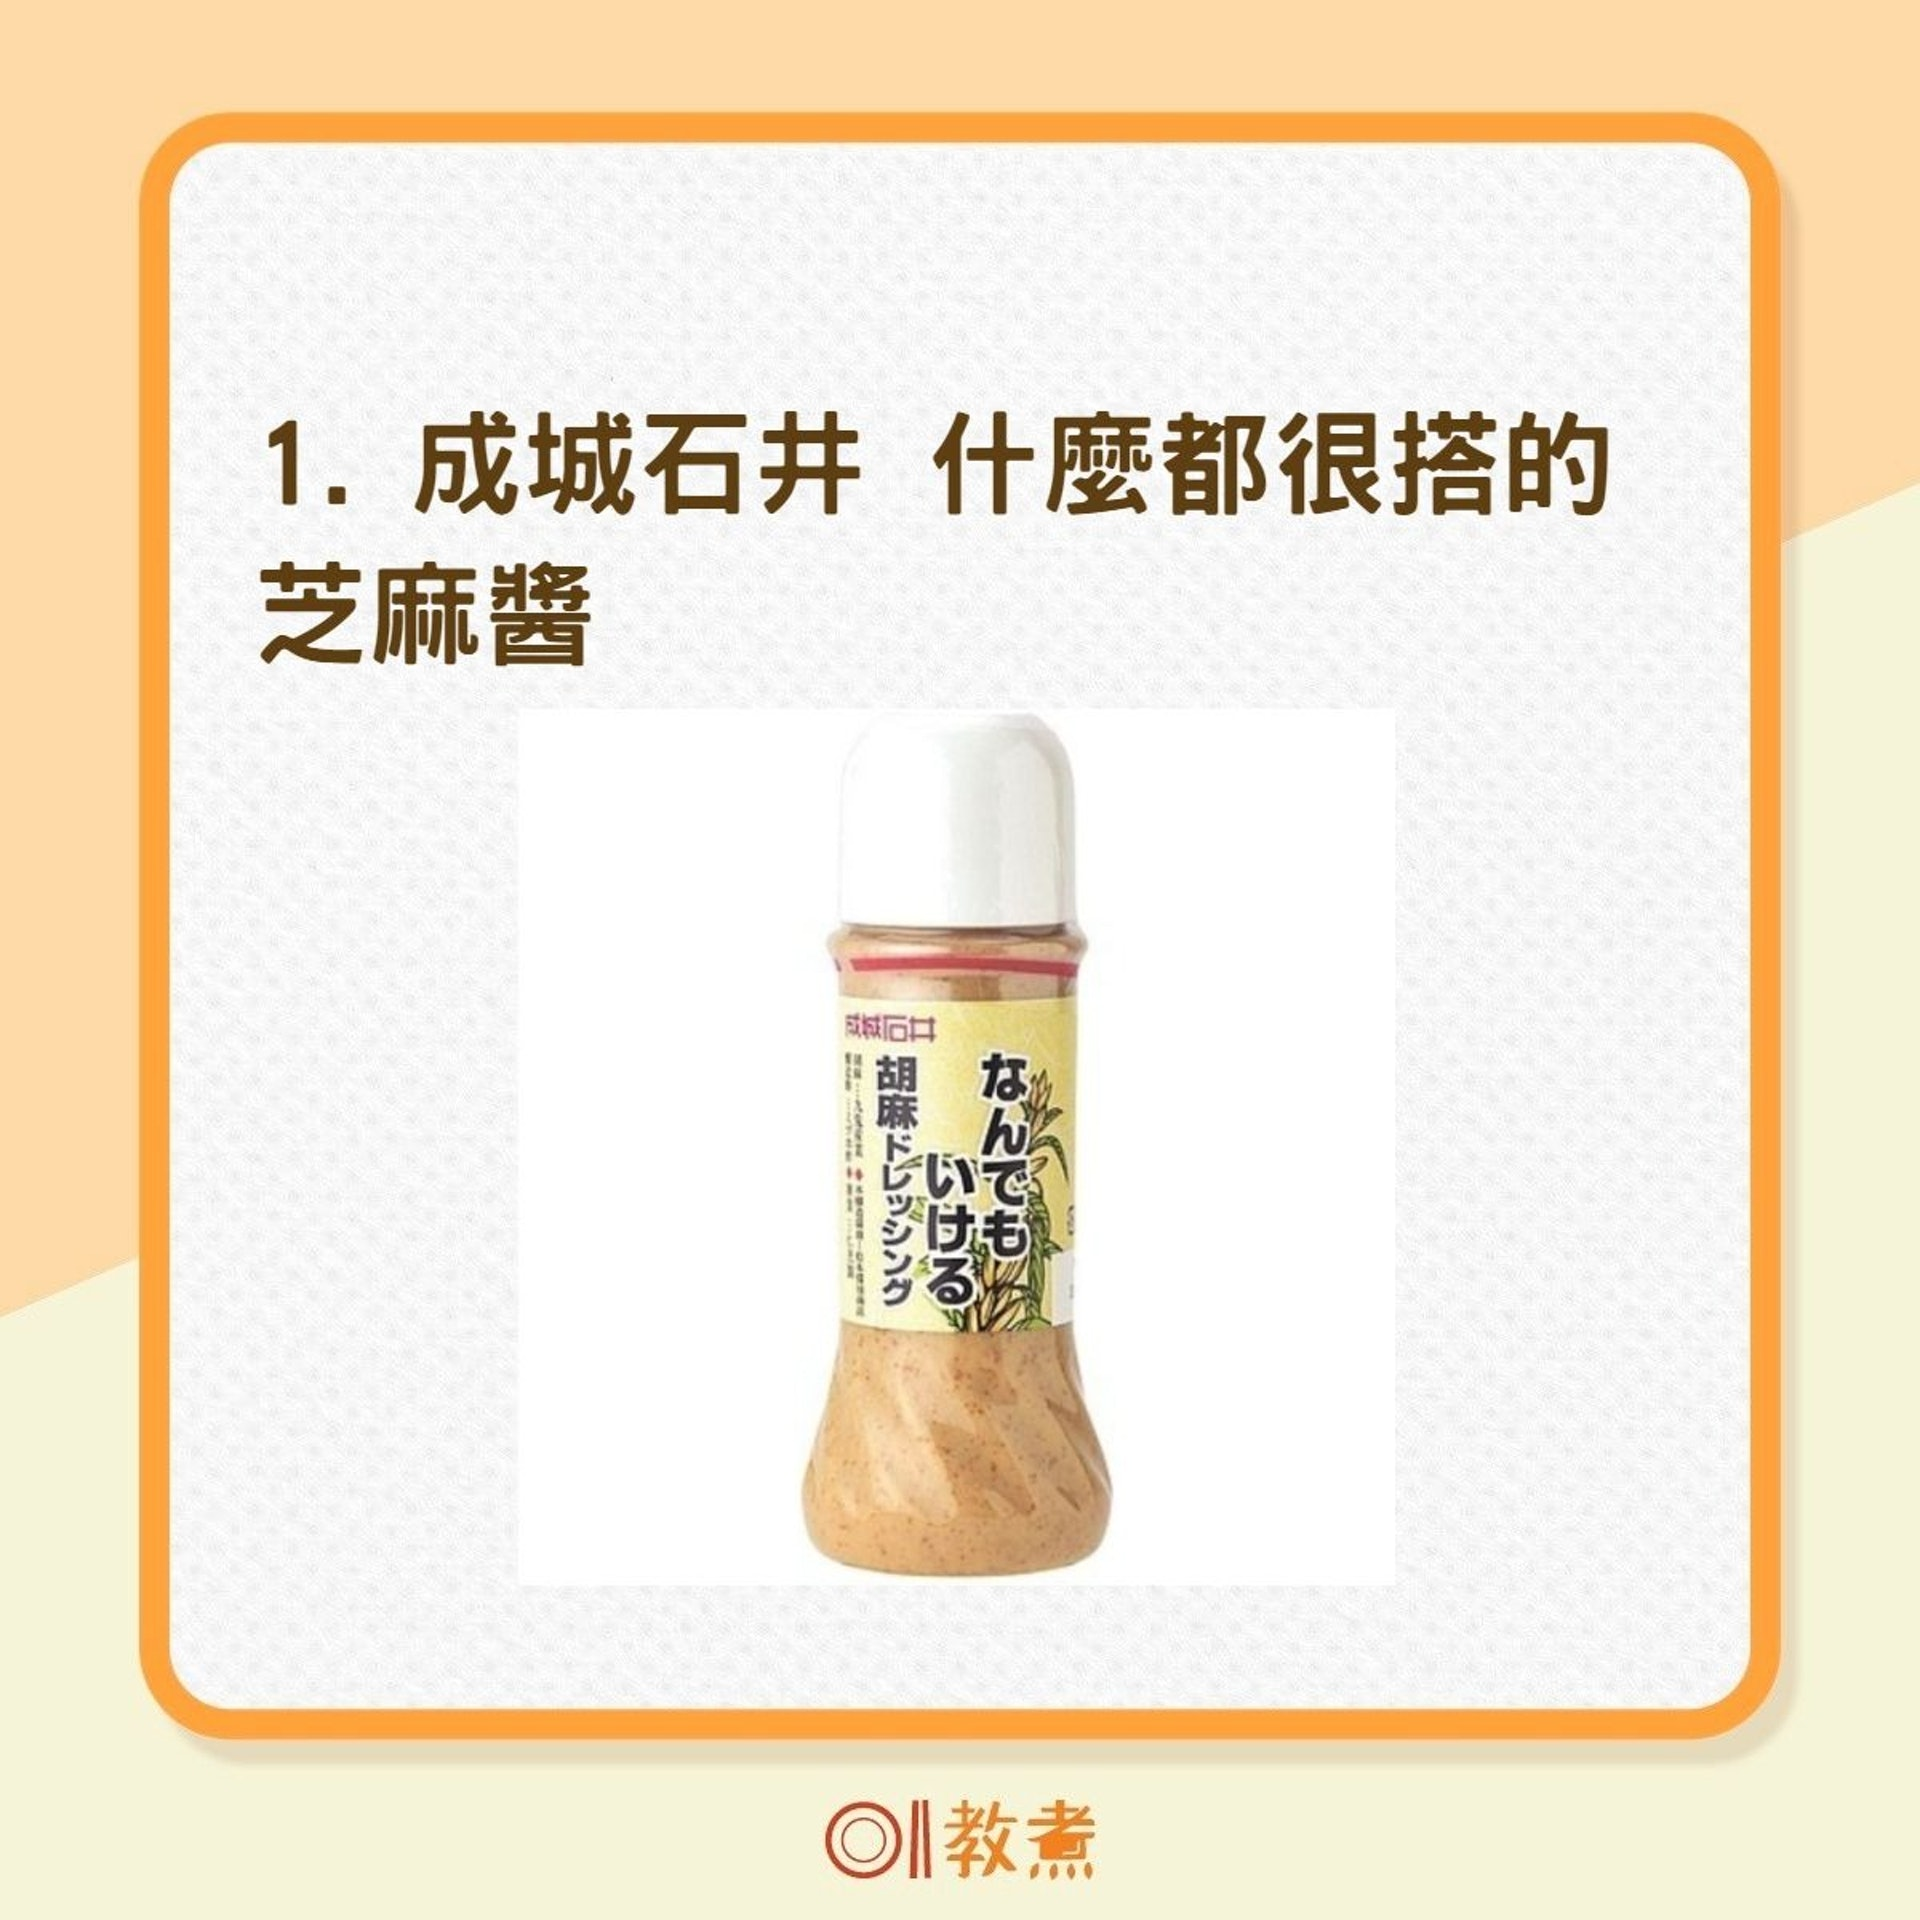 5款日本人常用的芝麻醬(官網圖片/01製圖)